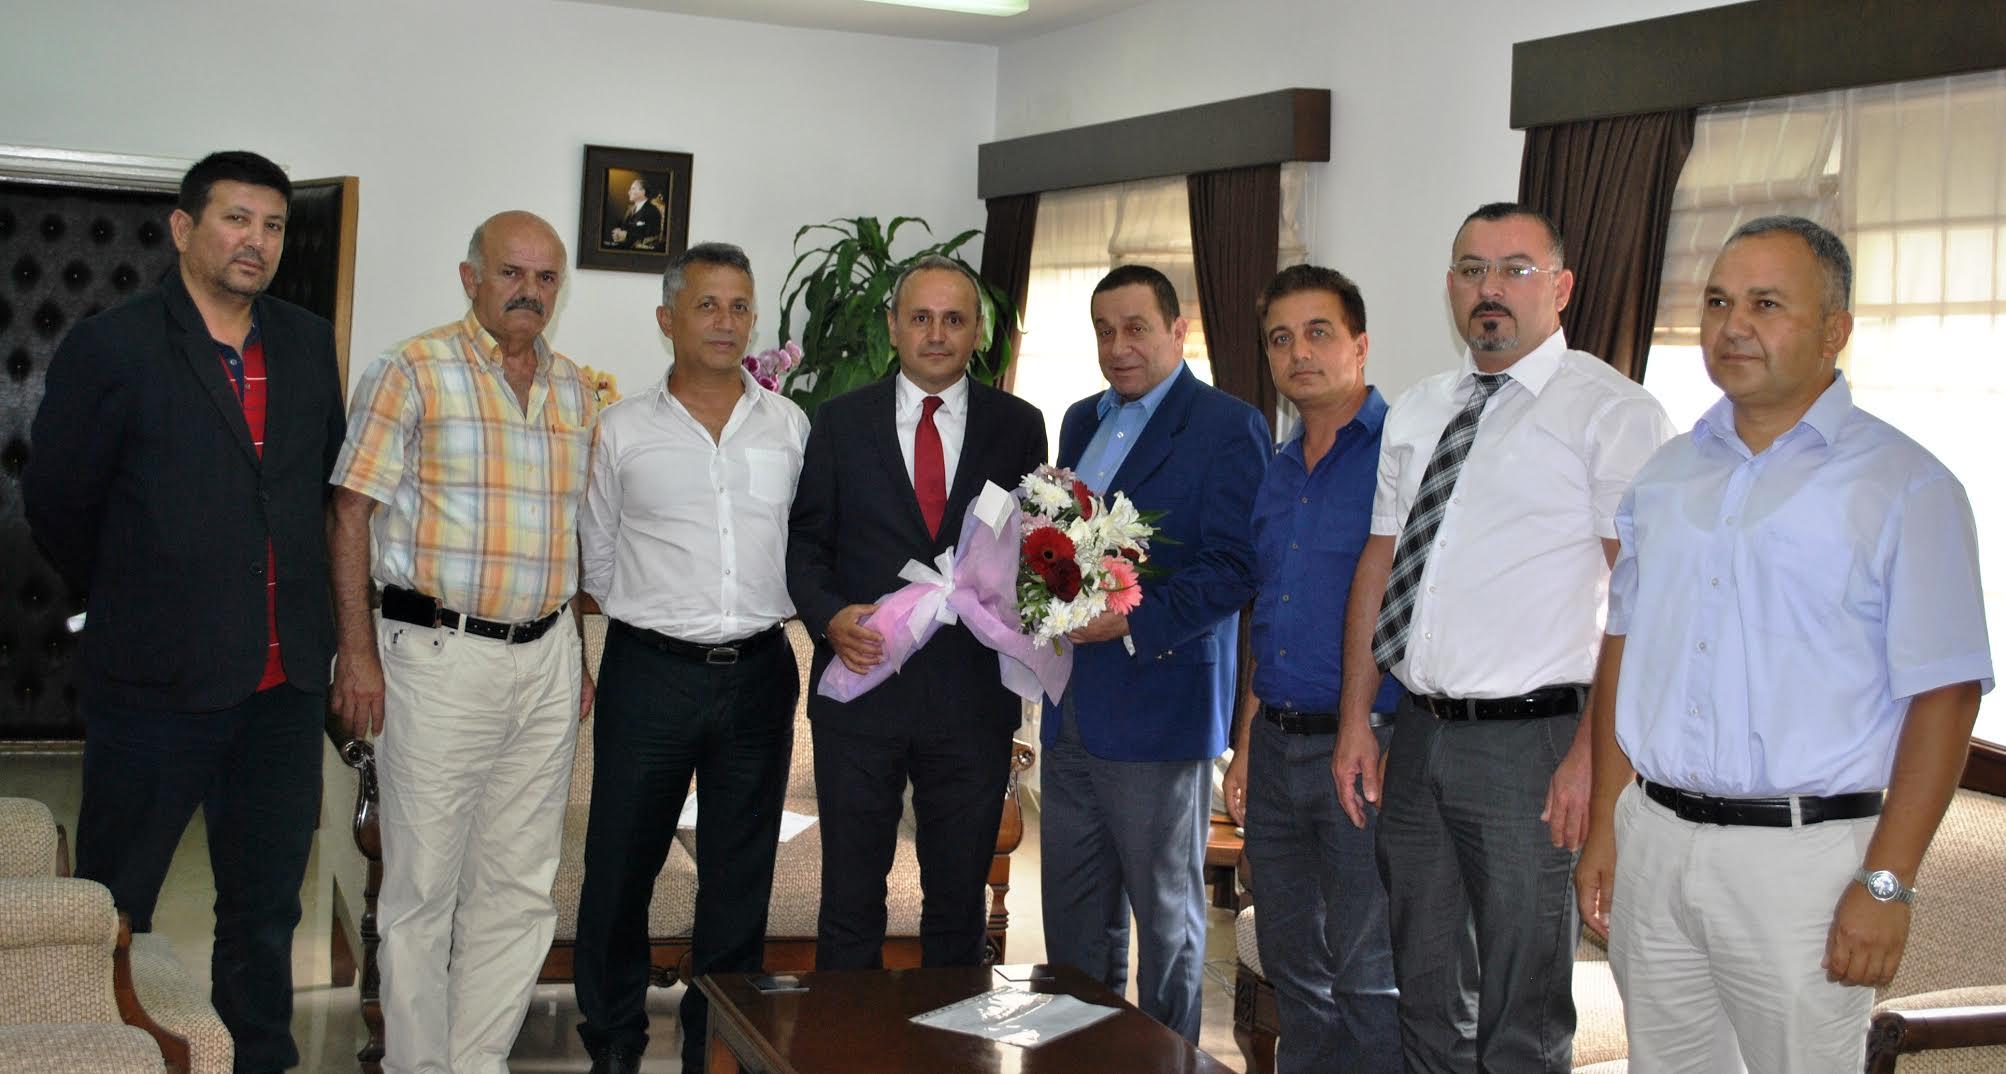 Denktaş Karadeniz Kültür Derneği ile görüştü